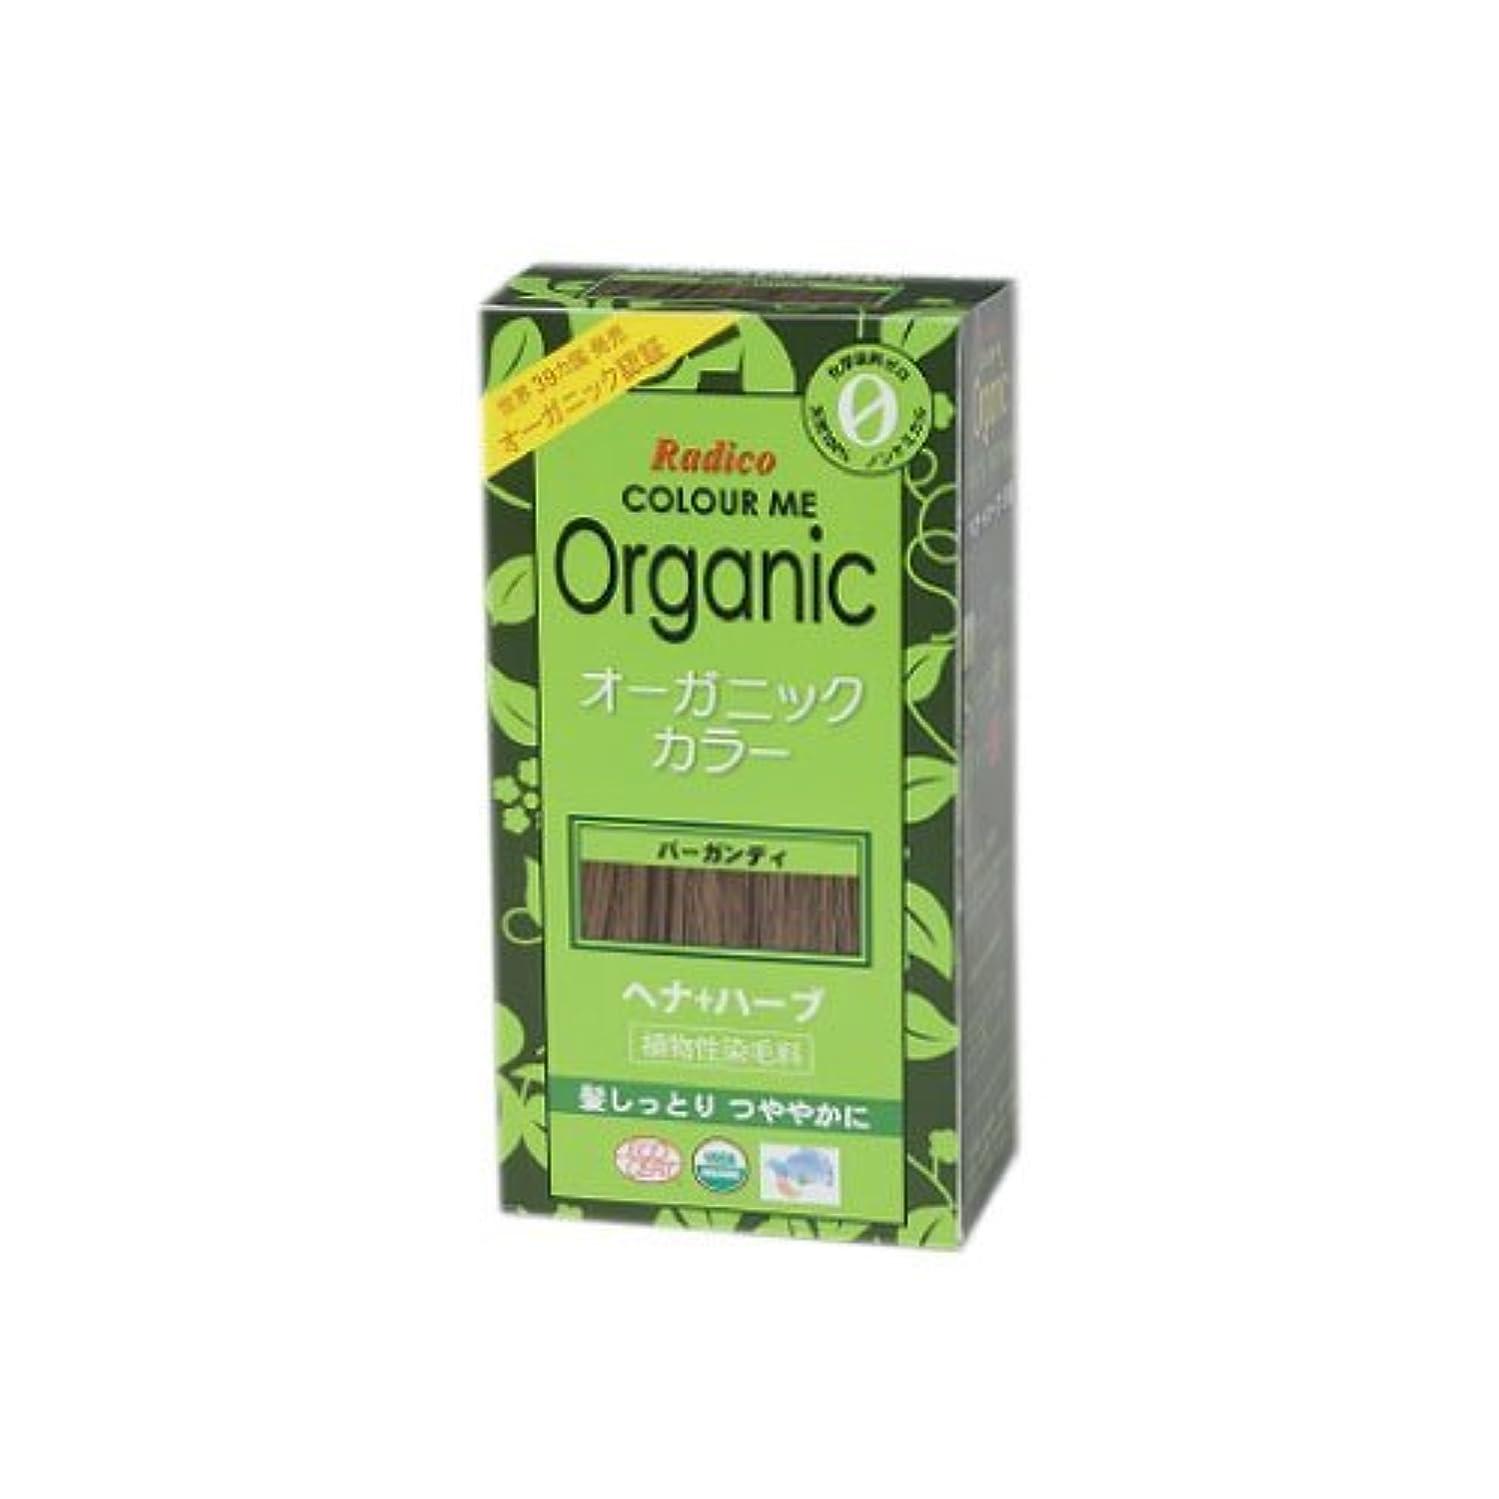 繰り返し花火上院COLOURME Organic (カラーミーオーガニック ヘナ 白髪用) バーガンディ 100g